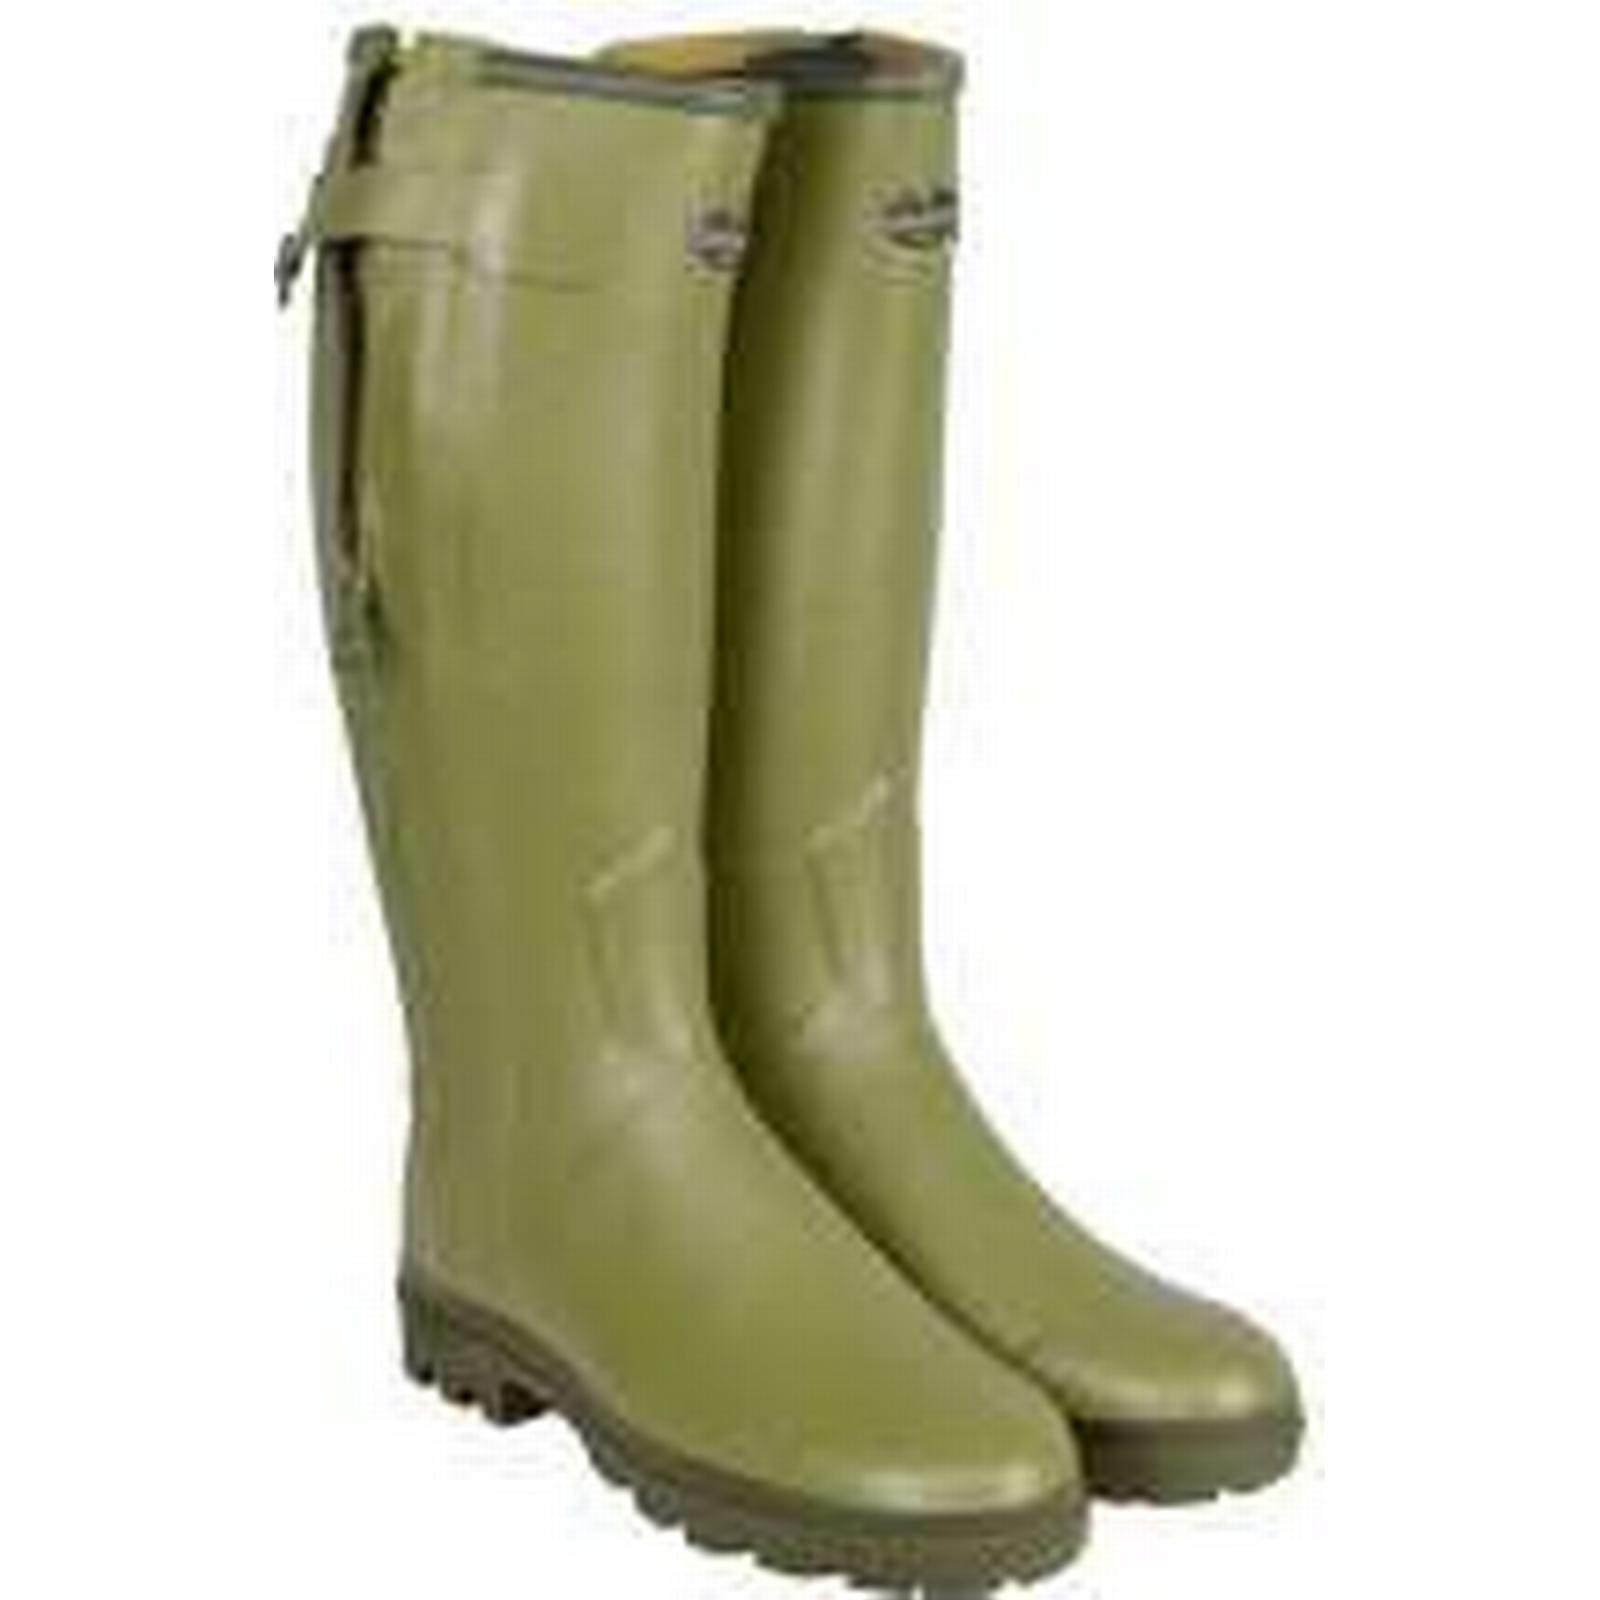 Le Chameau Ladies Chasseur Wellington (UK6.5) Boots, Vert Vierzon, EU40 (UK6.5) Wellington 87c203